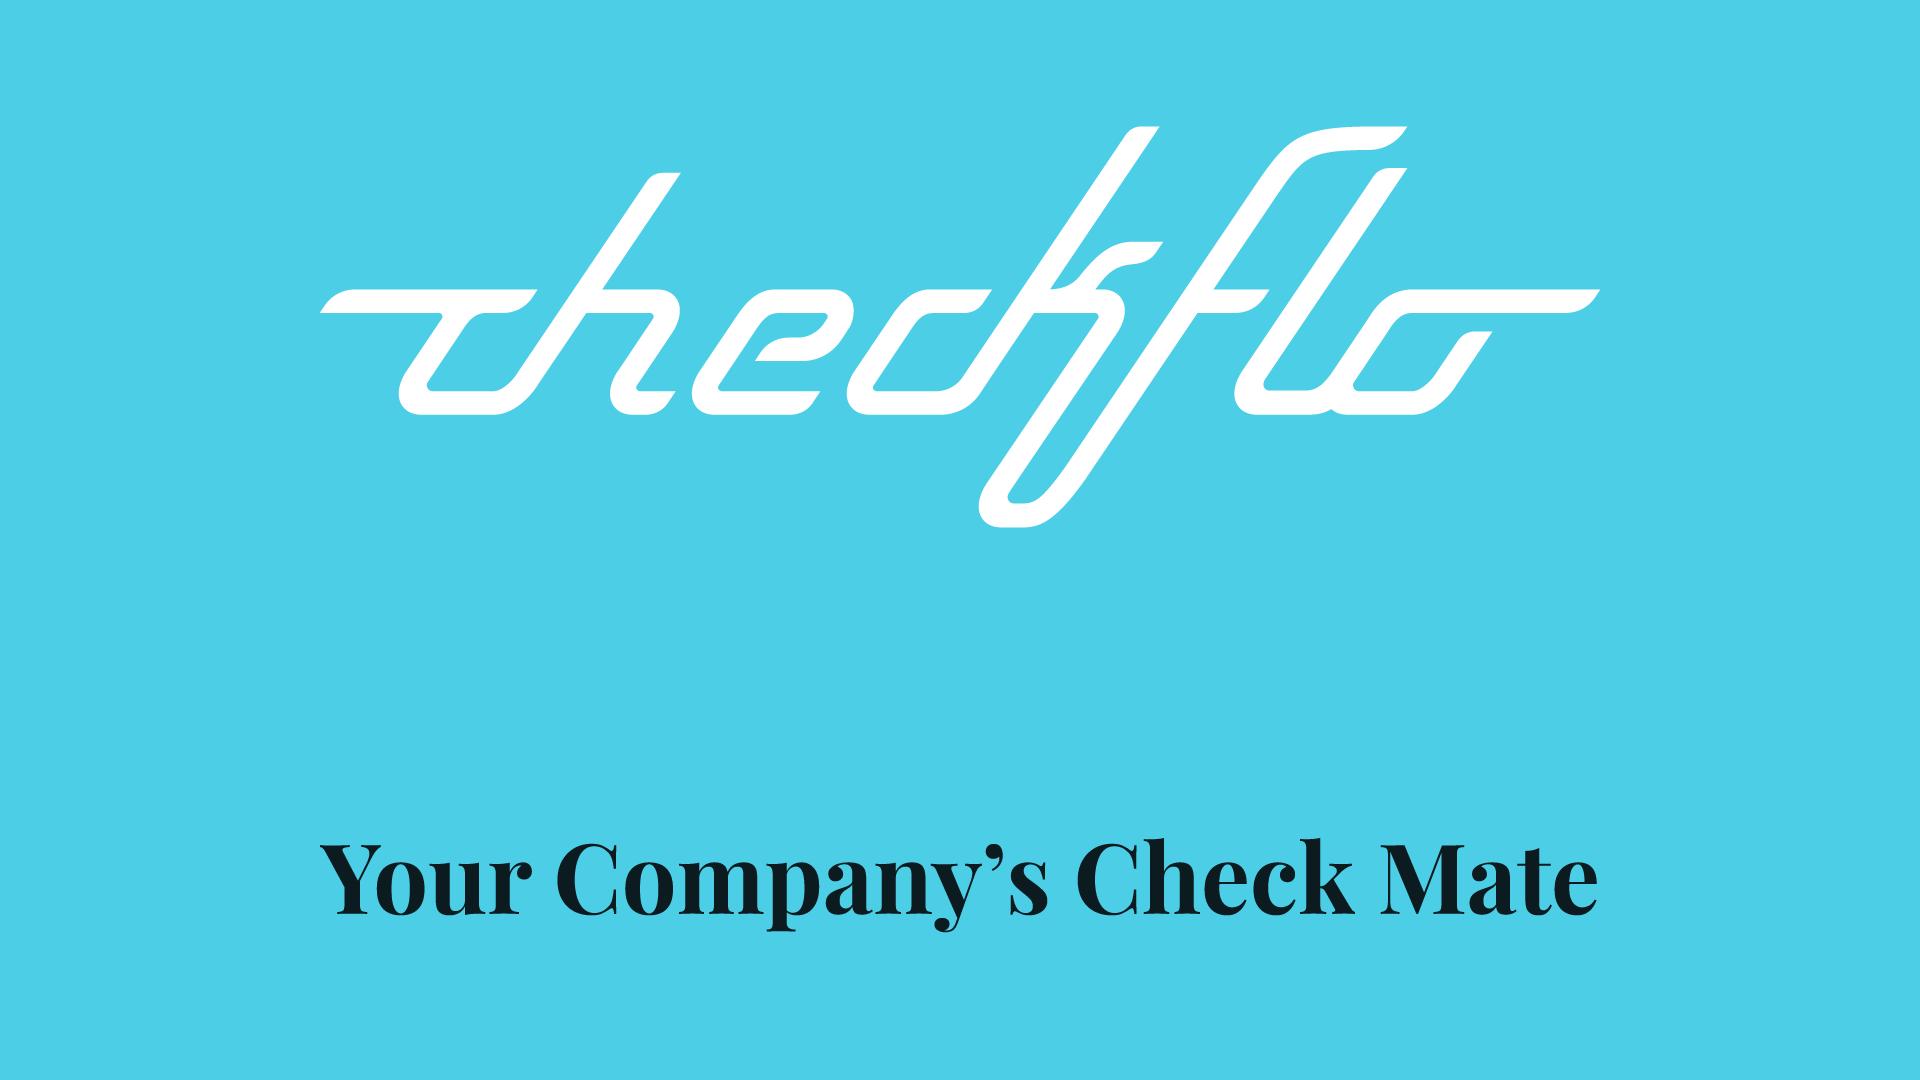 check fulfillment service